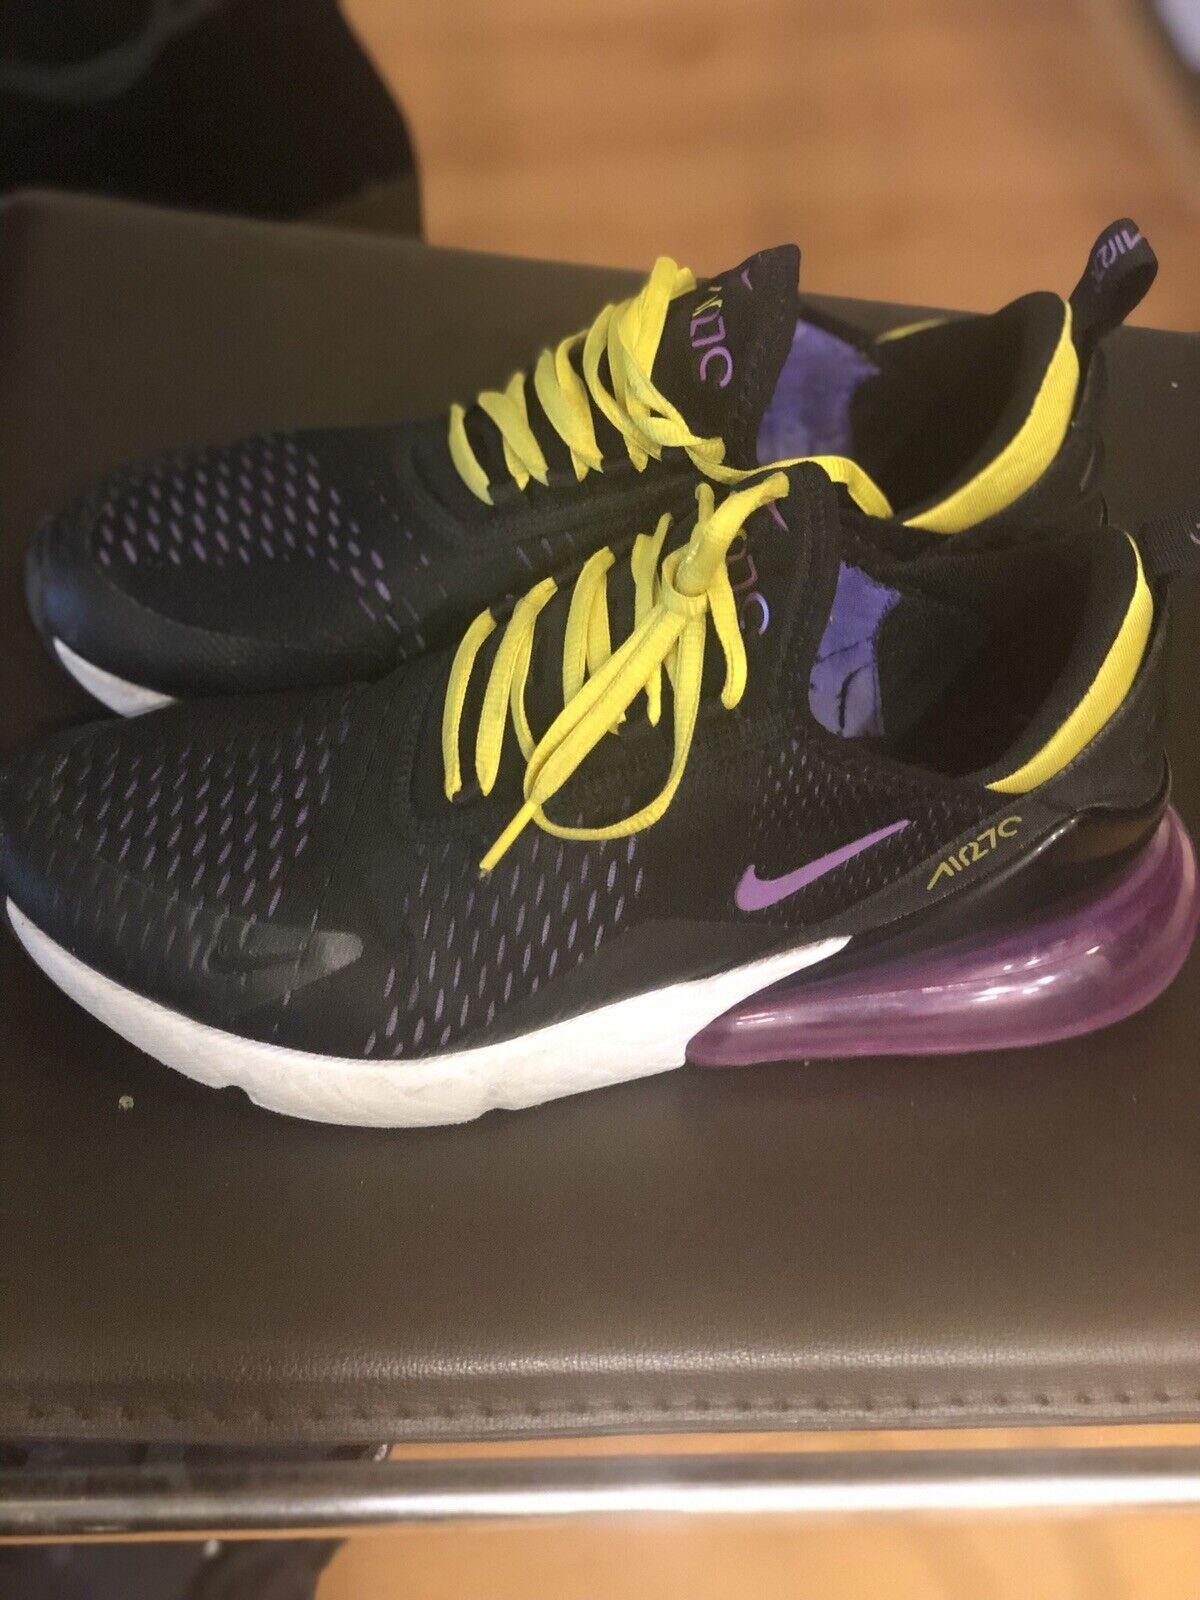 Nike Air 27 C Lakers colors